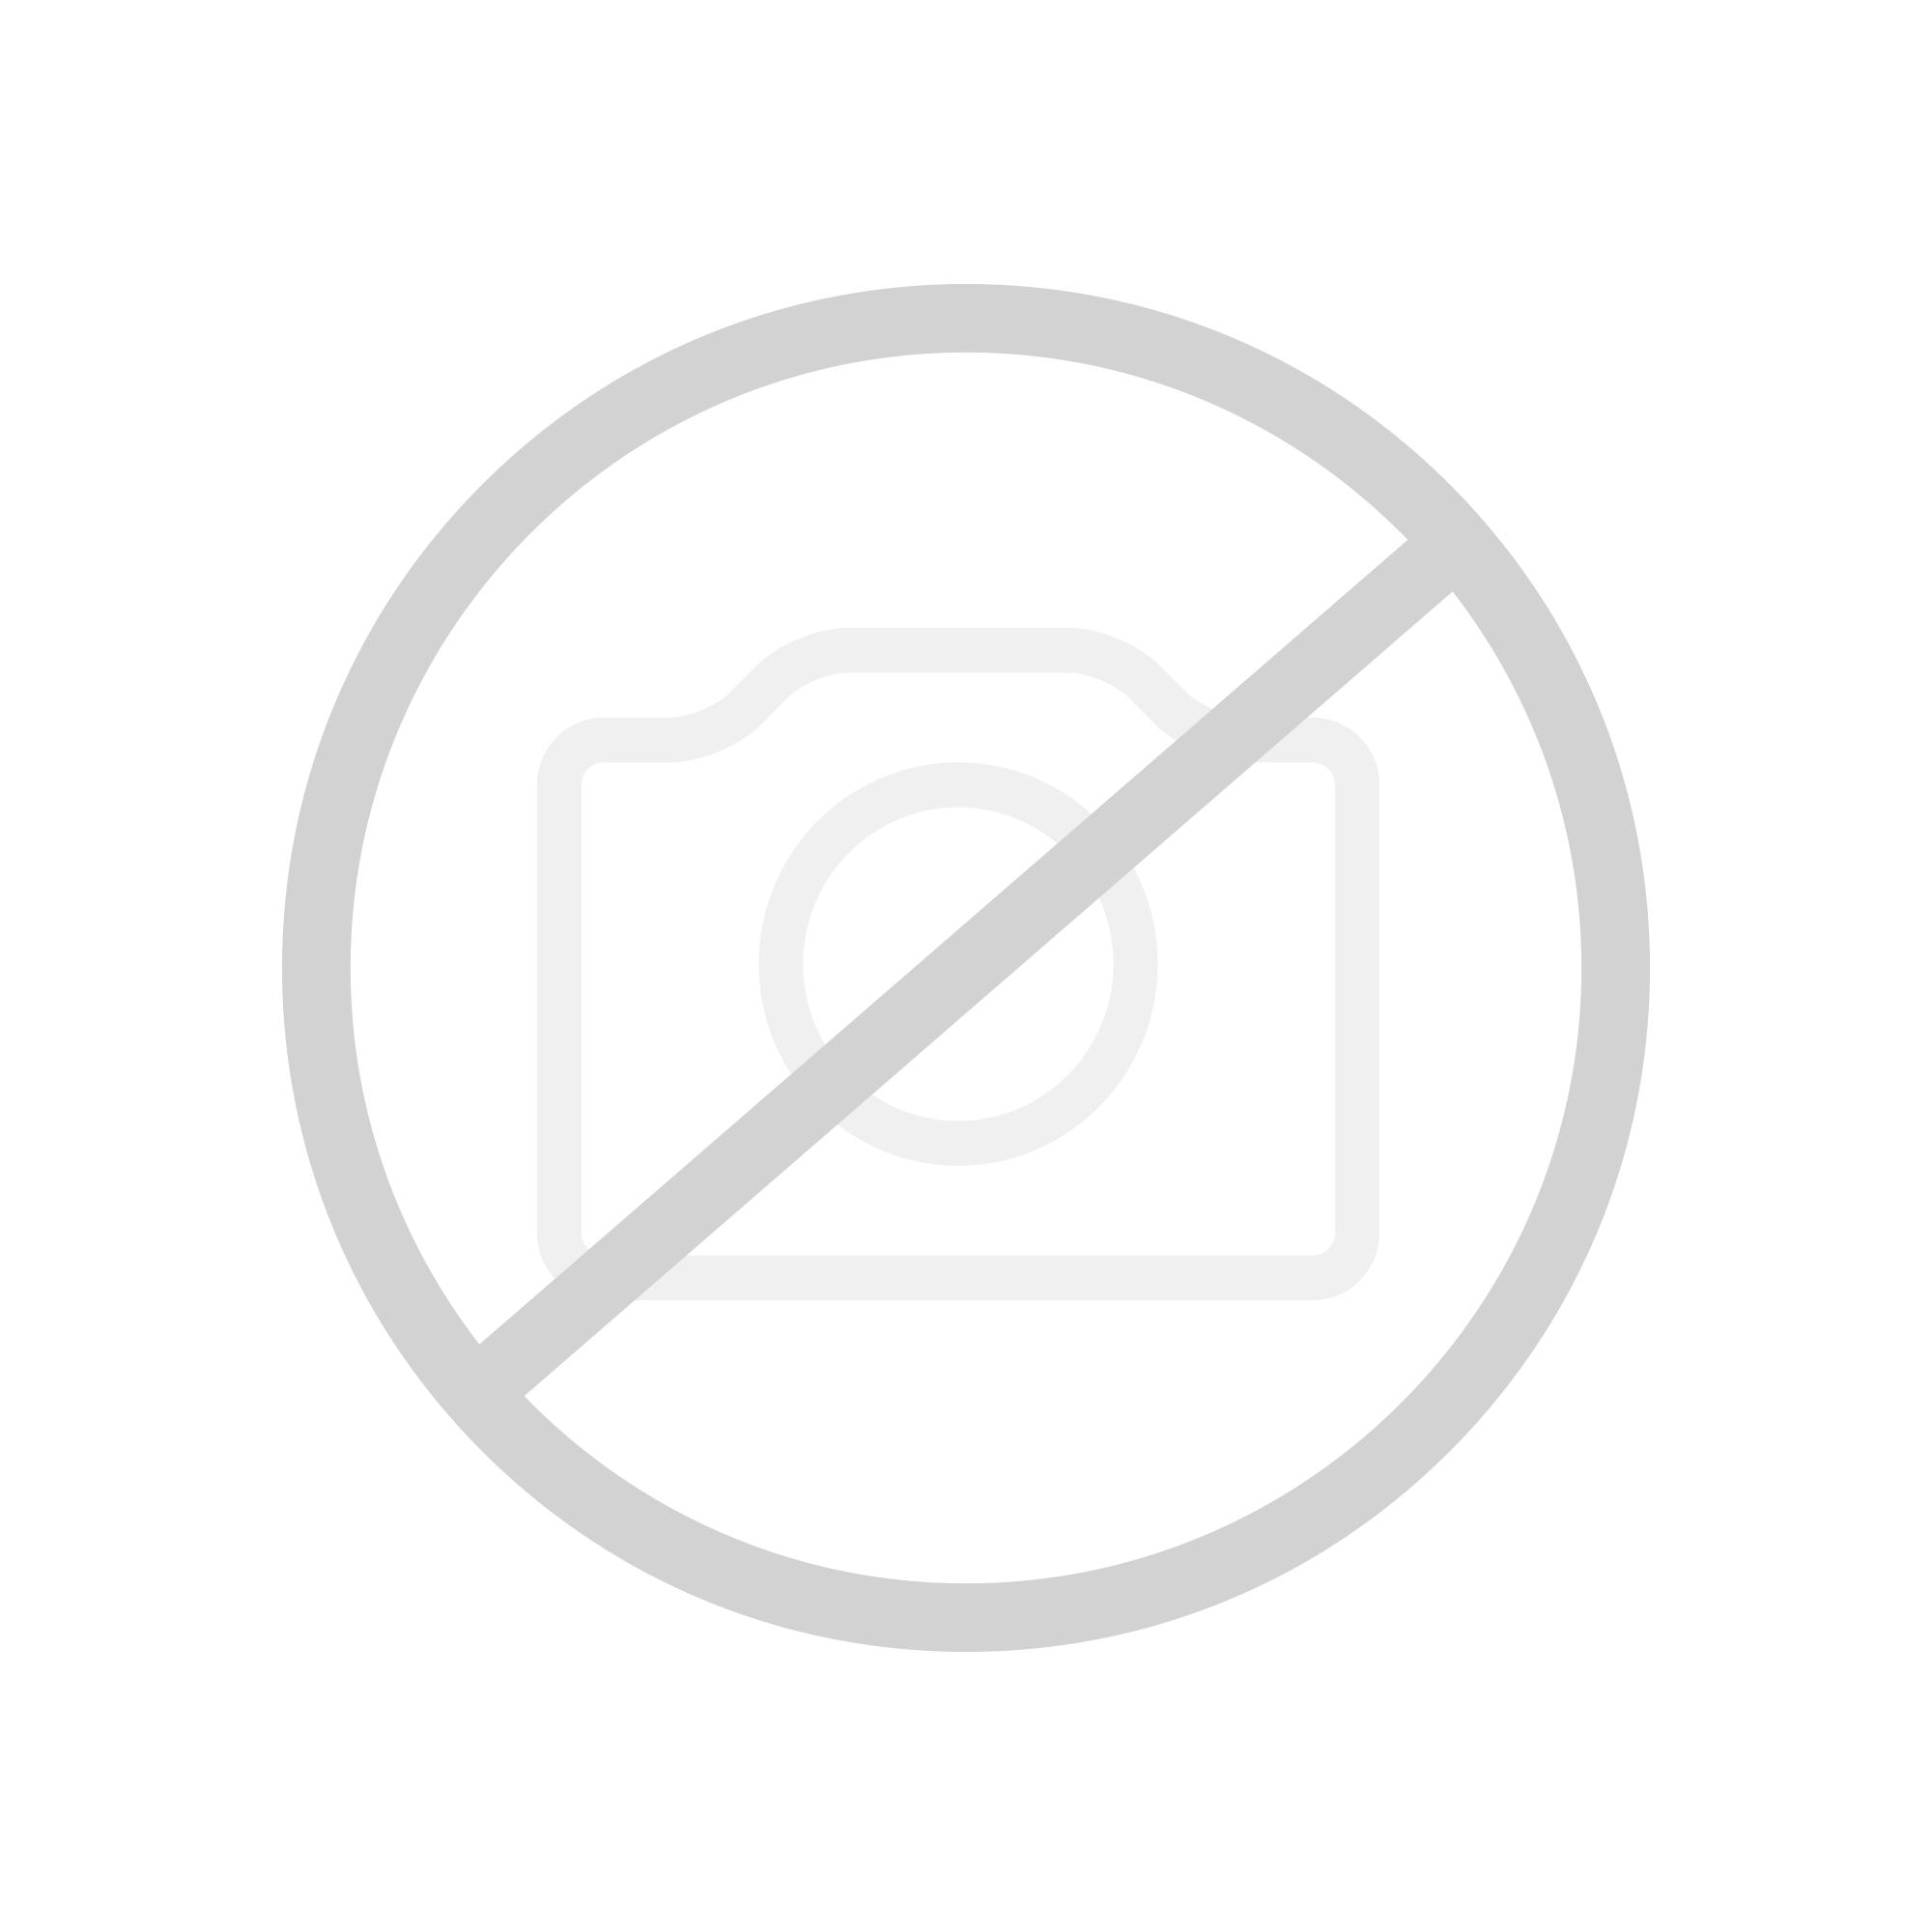 Philips myLiving Tides 32615 Deckenleuchte